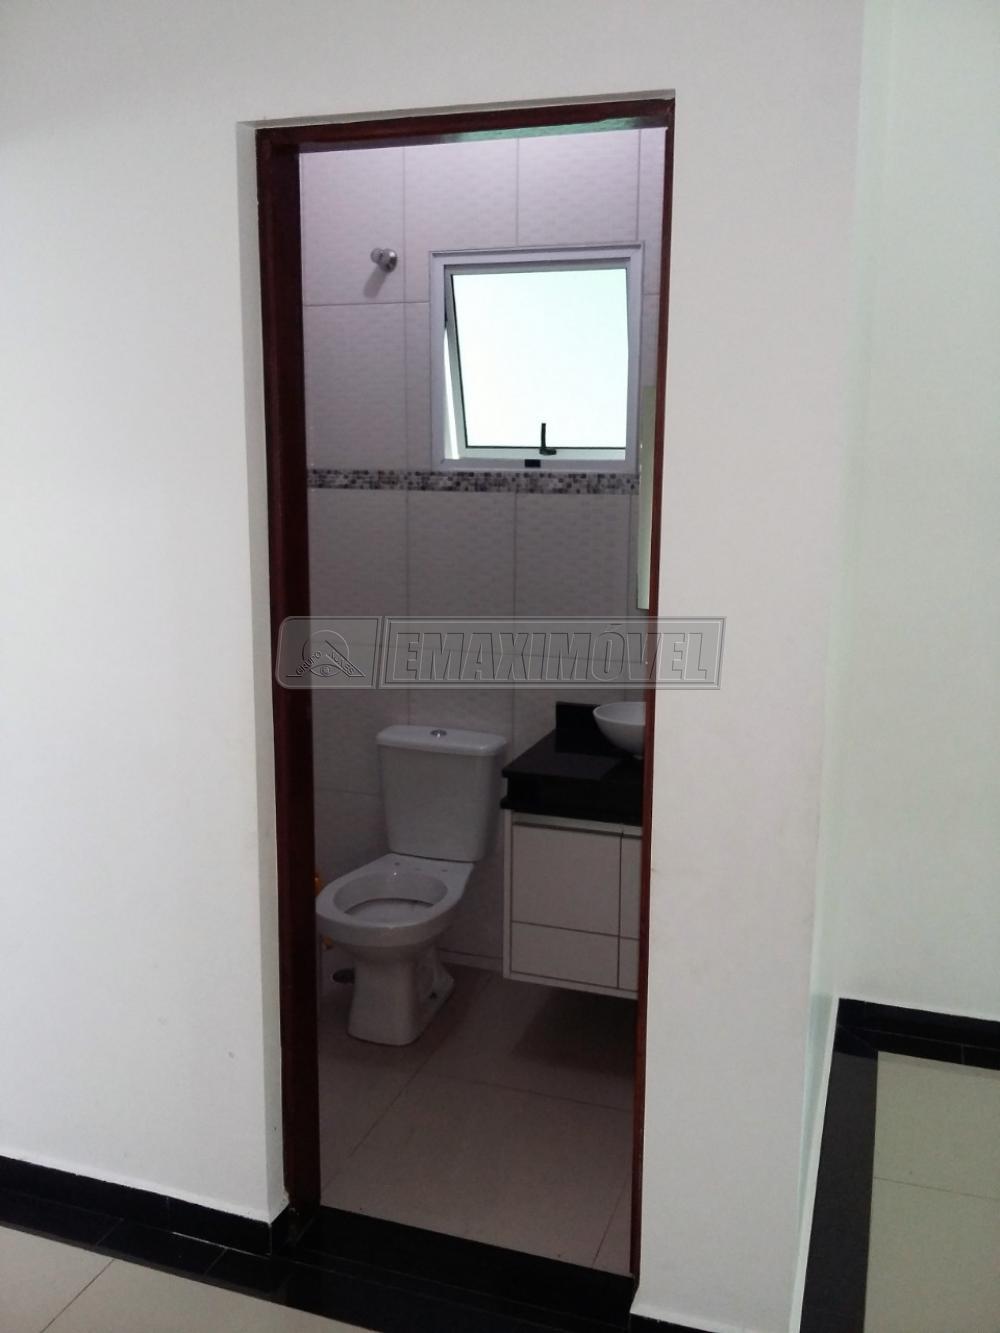 Alugar Casas / em Condomínios em Sorocaba R$ 2.900,00 - Foto 6